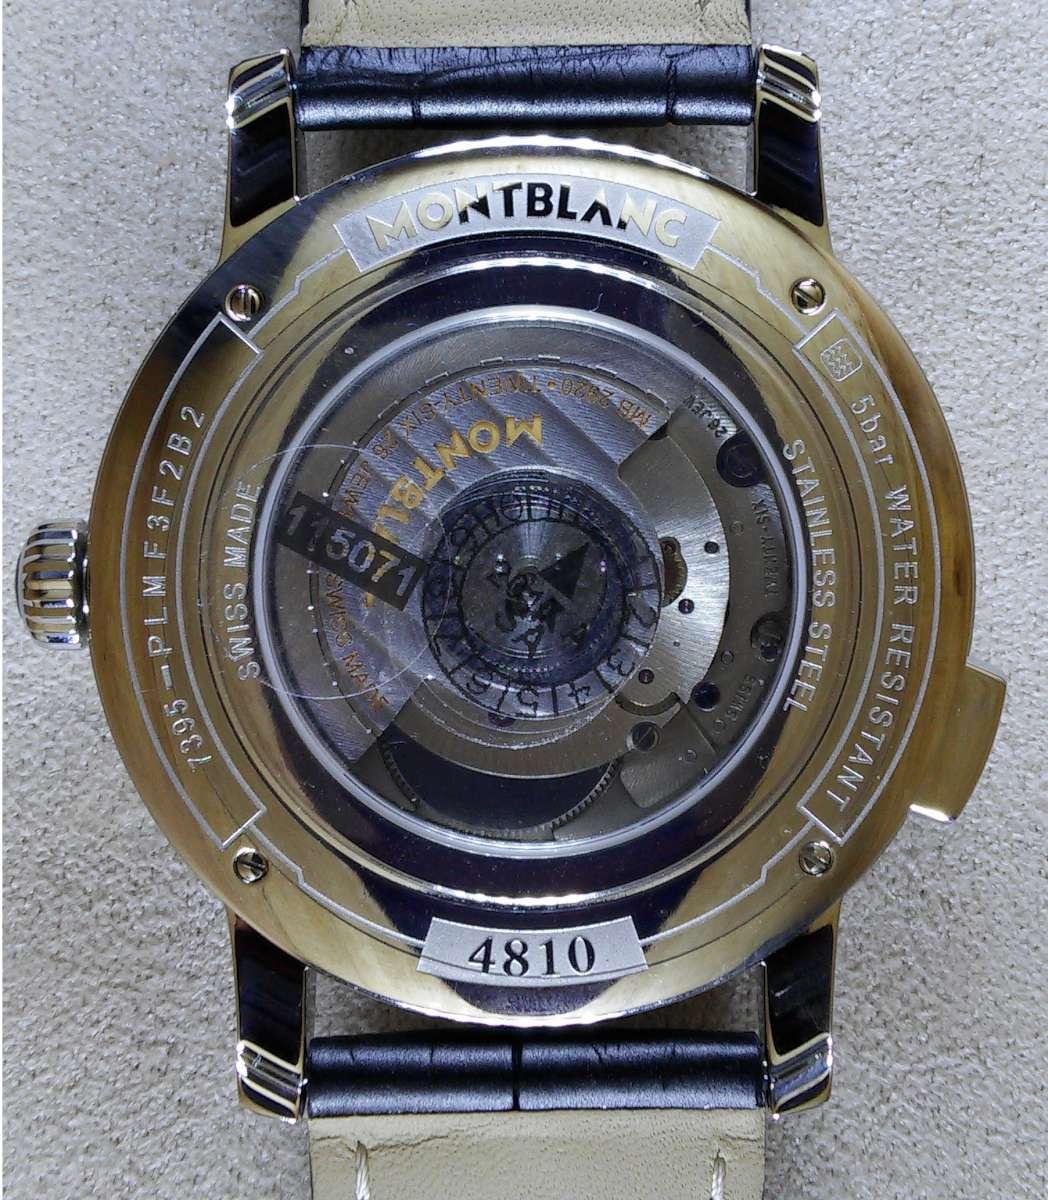 Montblanc 4810 Orbis Terrarum, reference 115071 caseback